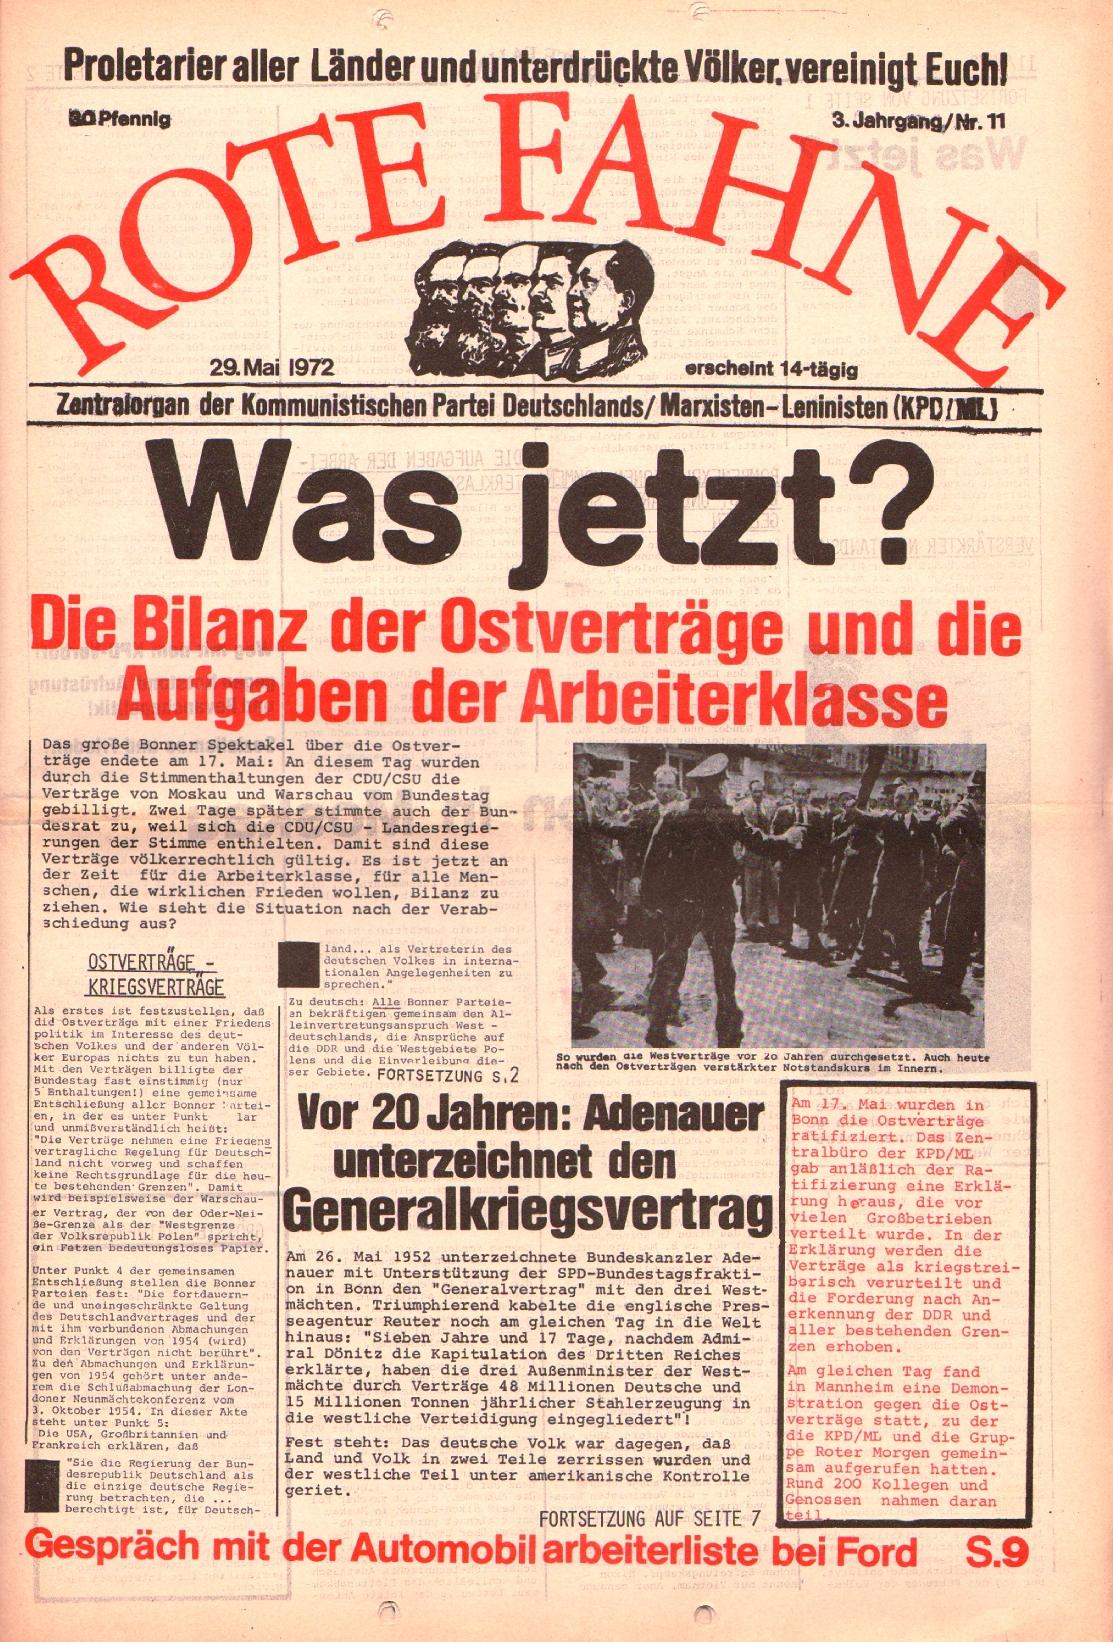 Rote Fahne, 3. Jg., 29.5.1972, Nr. 11, Seite 1